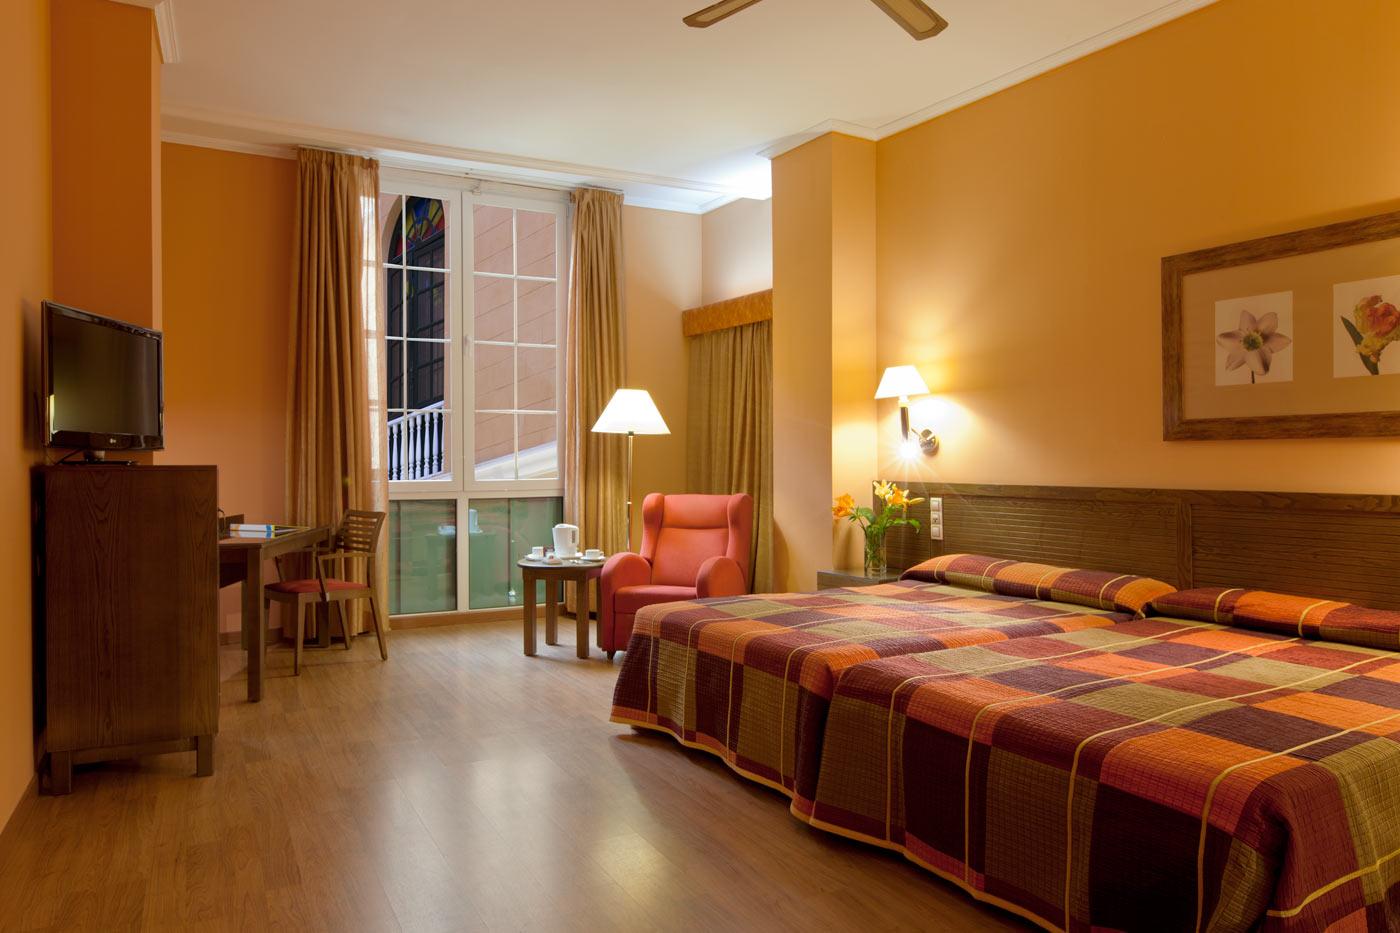 Photos senator c diz spa hotel official website for Hotel spa familiar